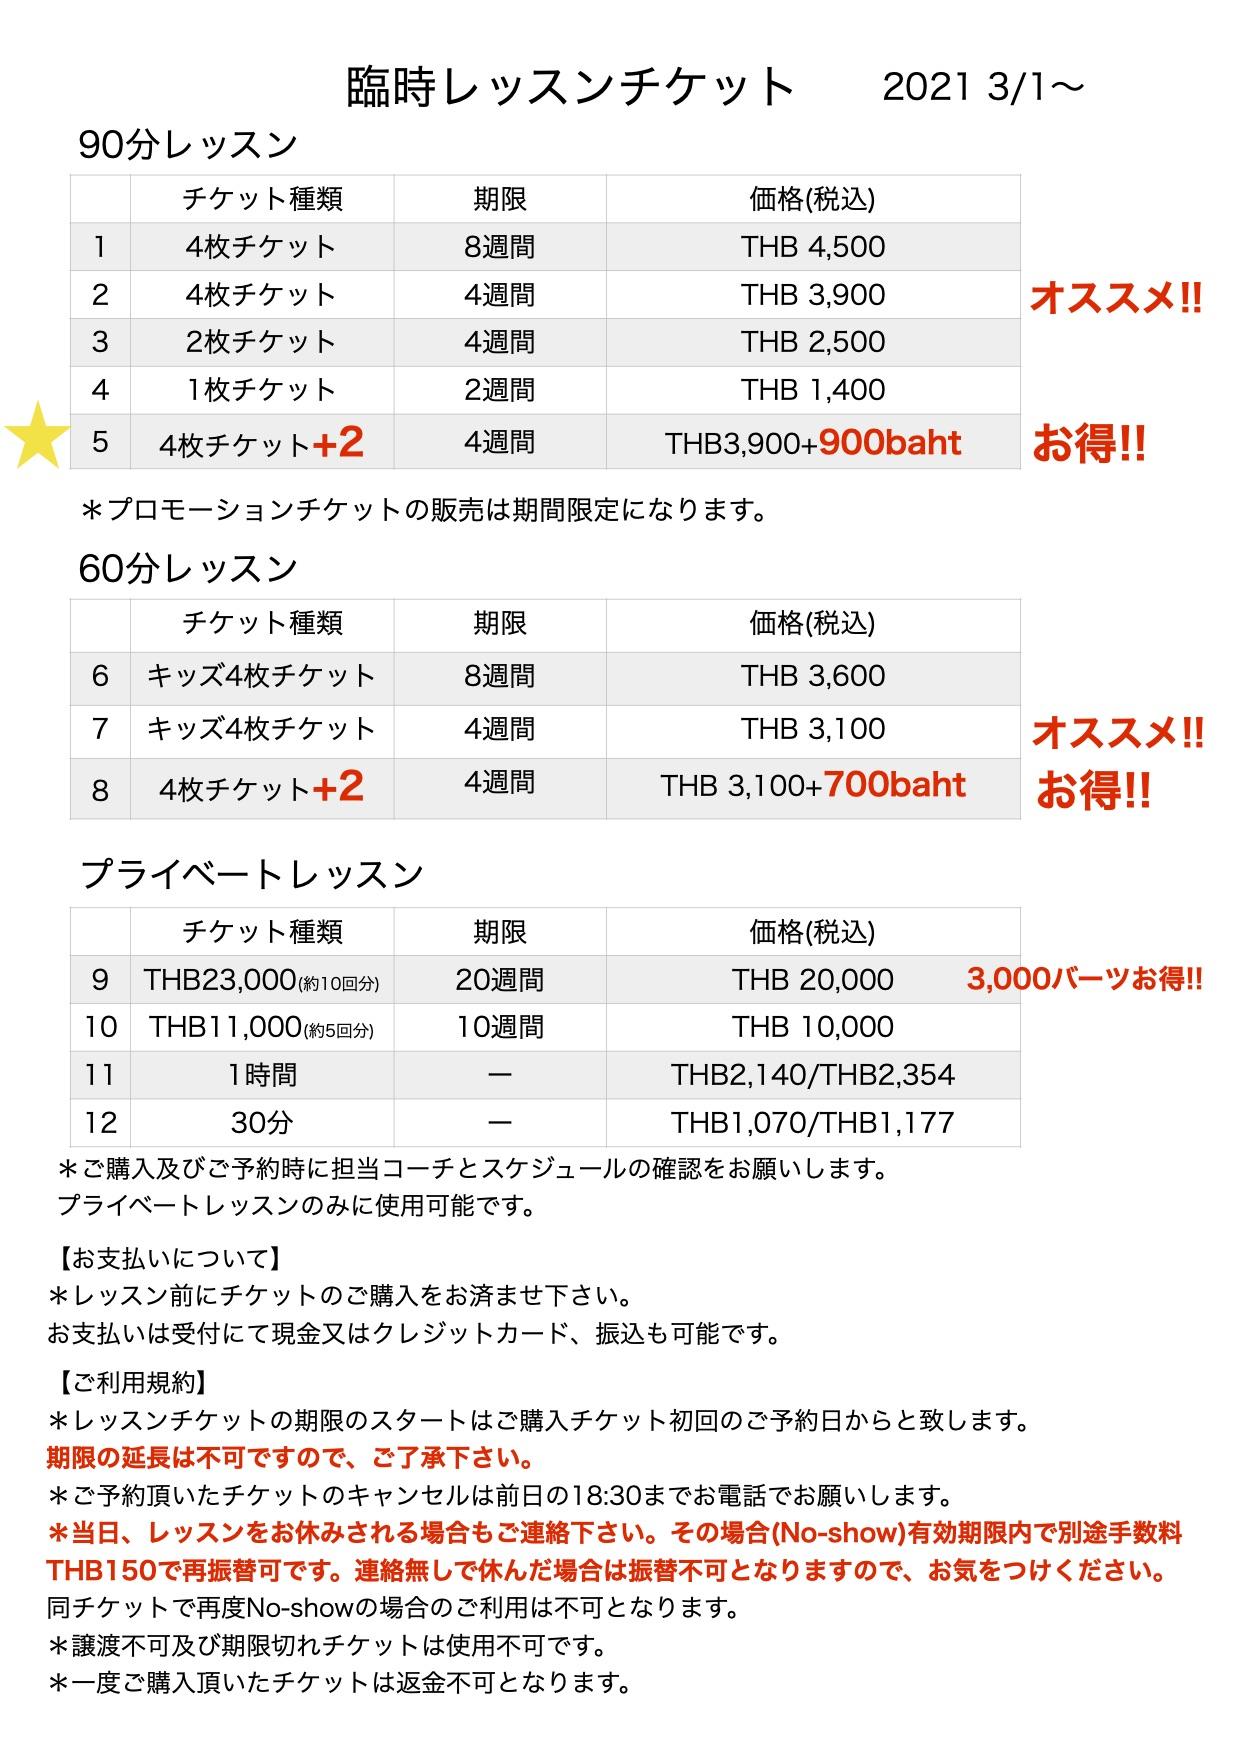 チケット価格 20210301